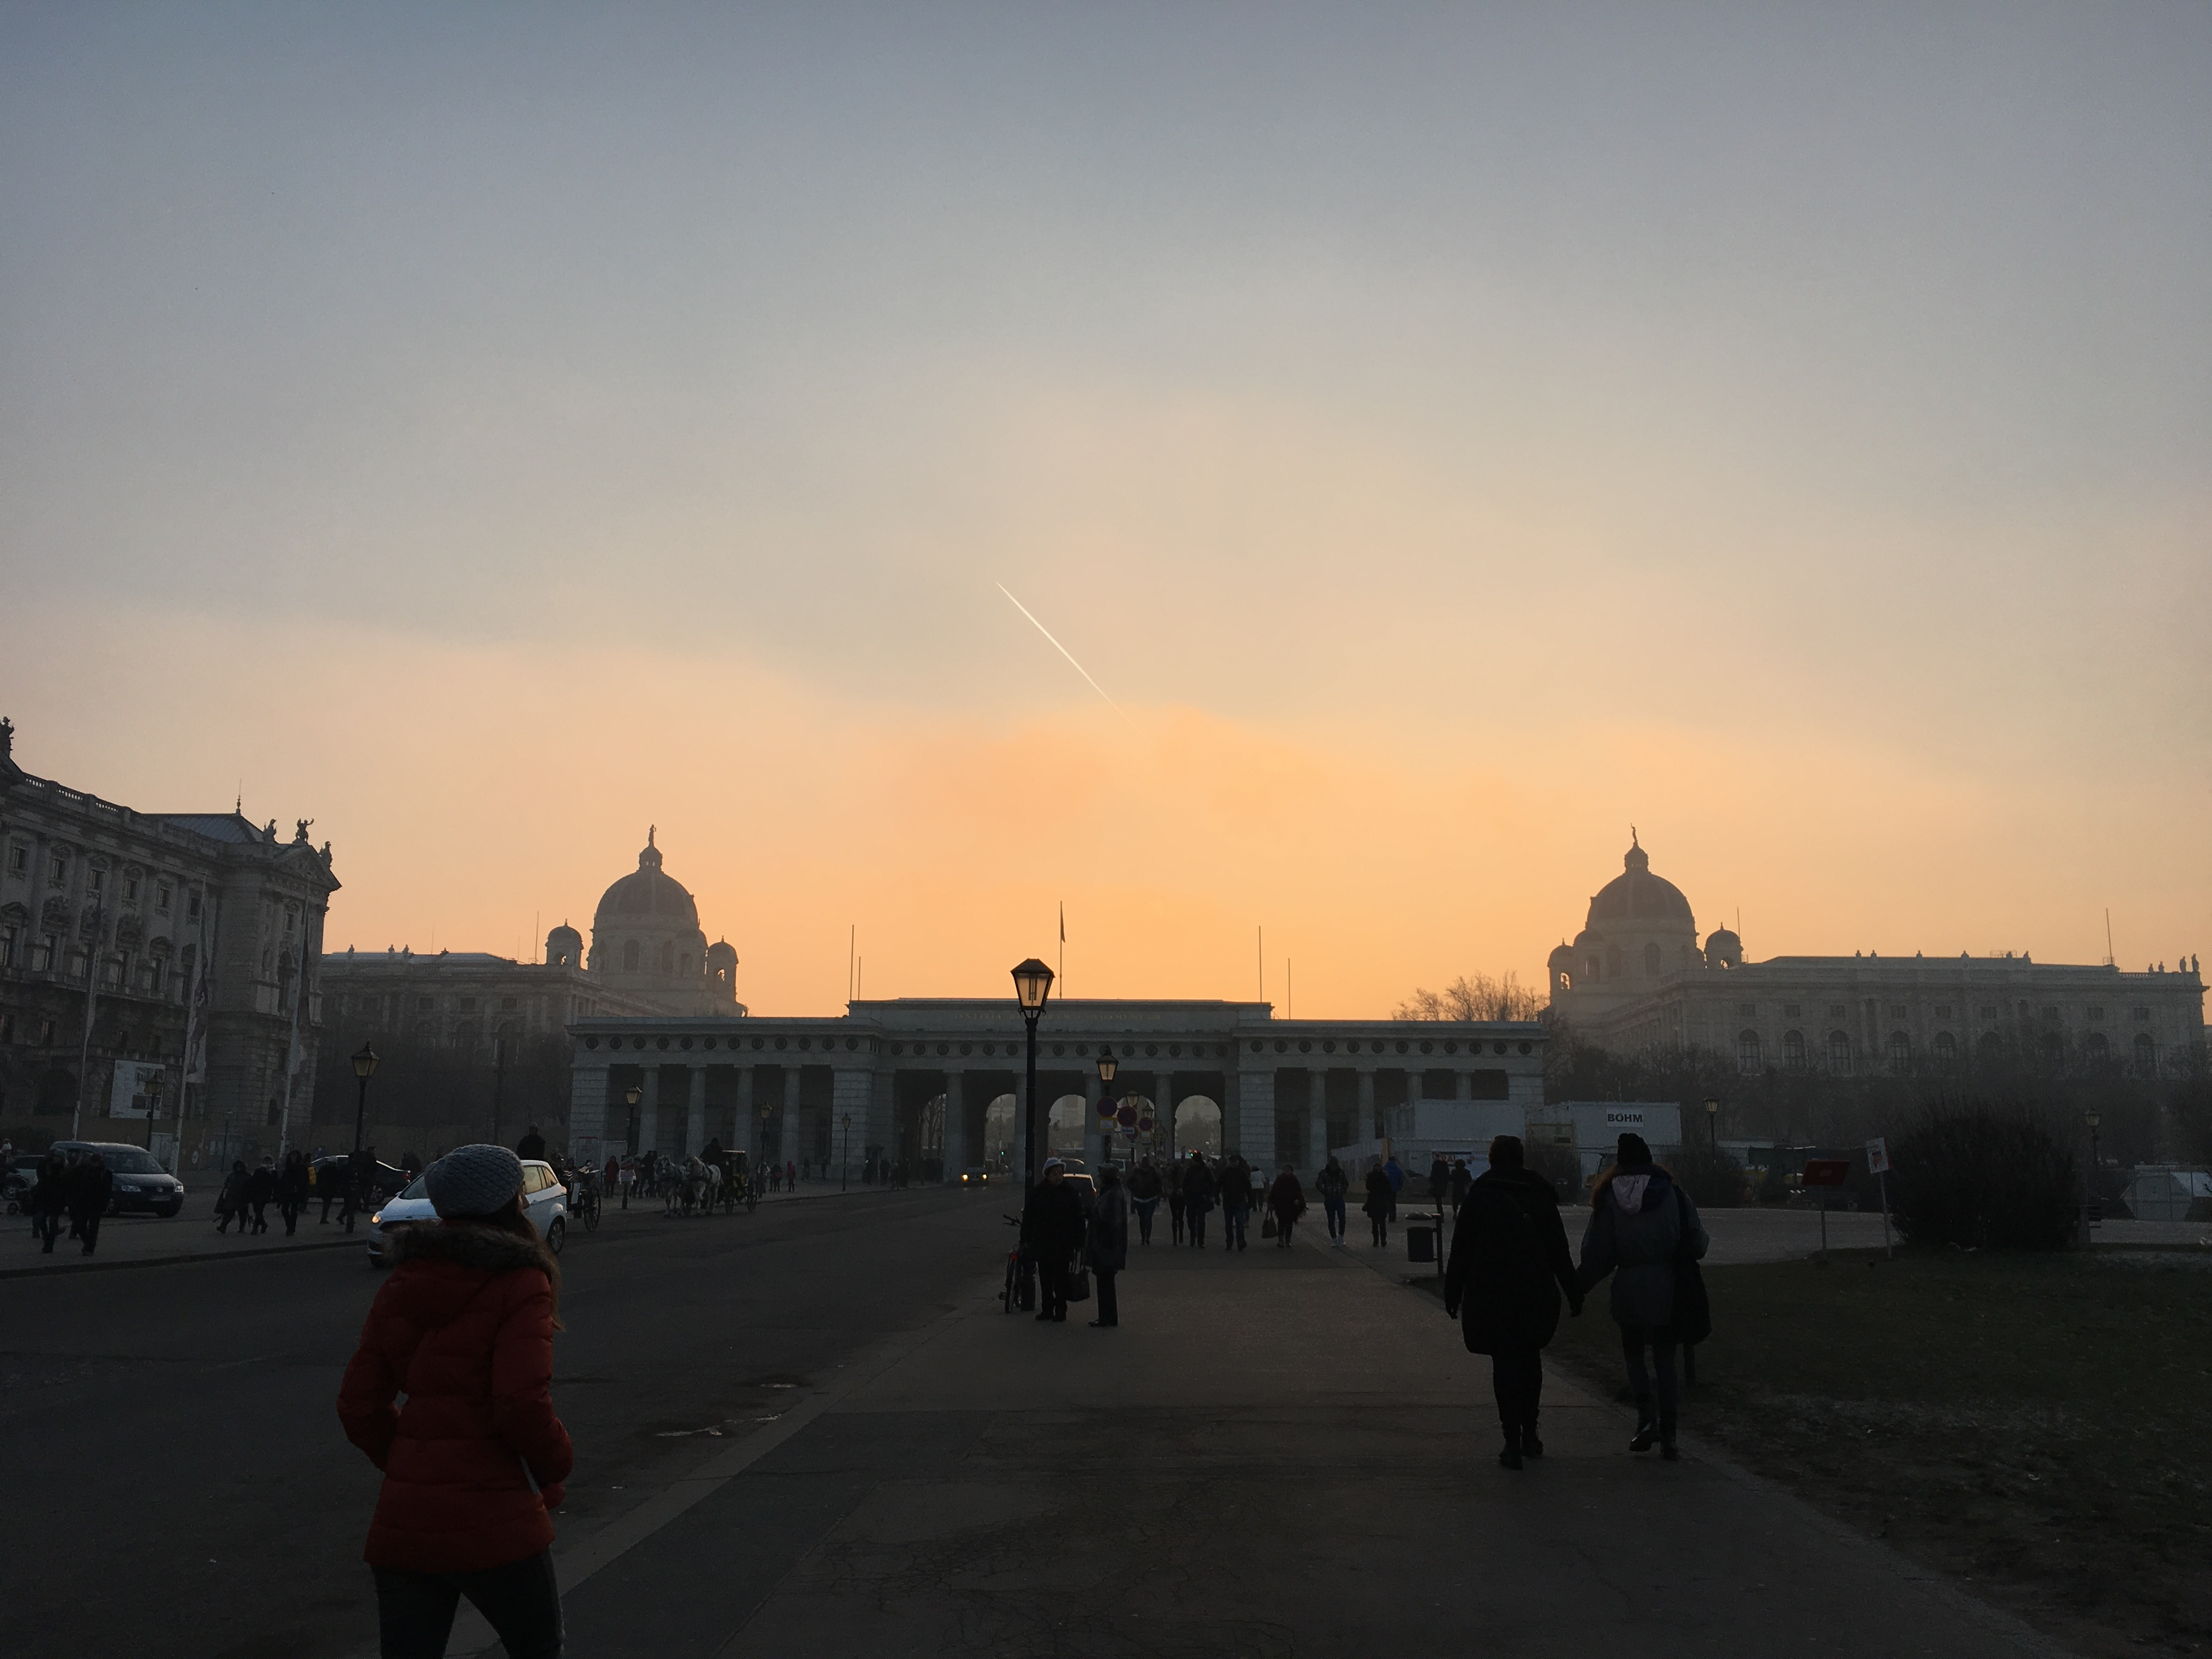 Площадь Мария-Терезиен Плац